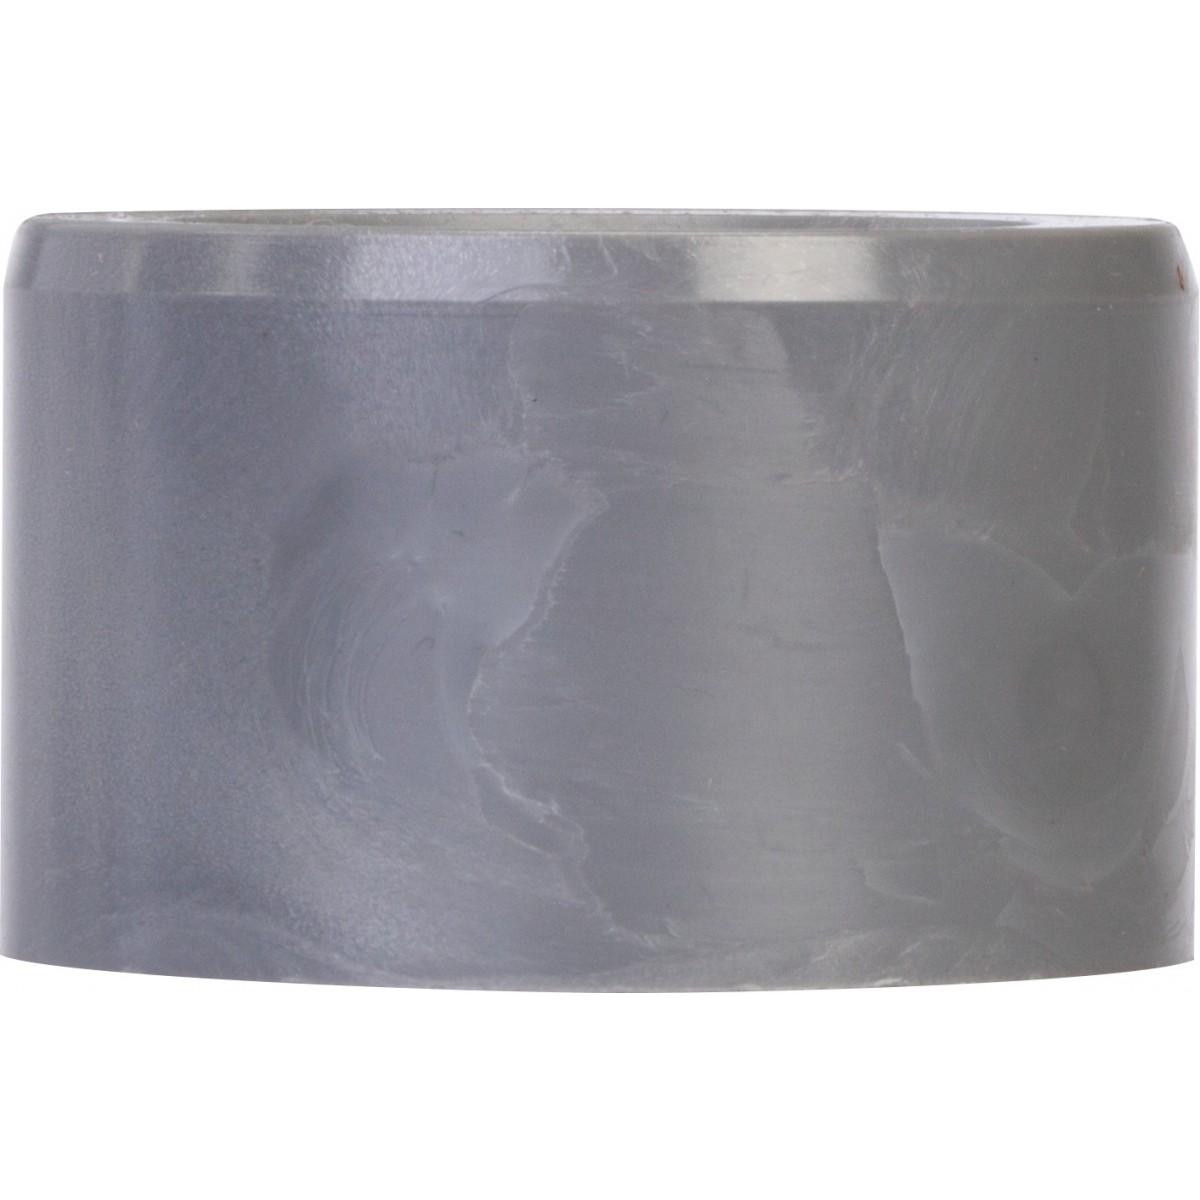 Réduction incorporée Mâle / Femelle Girpi - Diamètre 40 - 32 mm